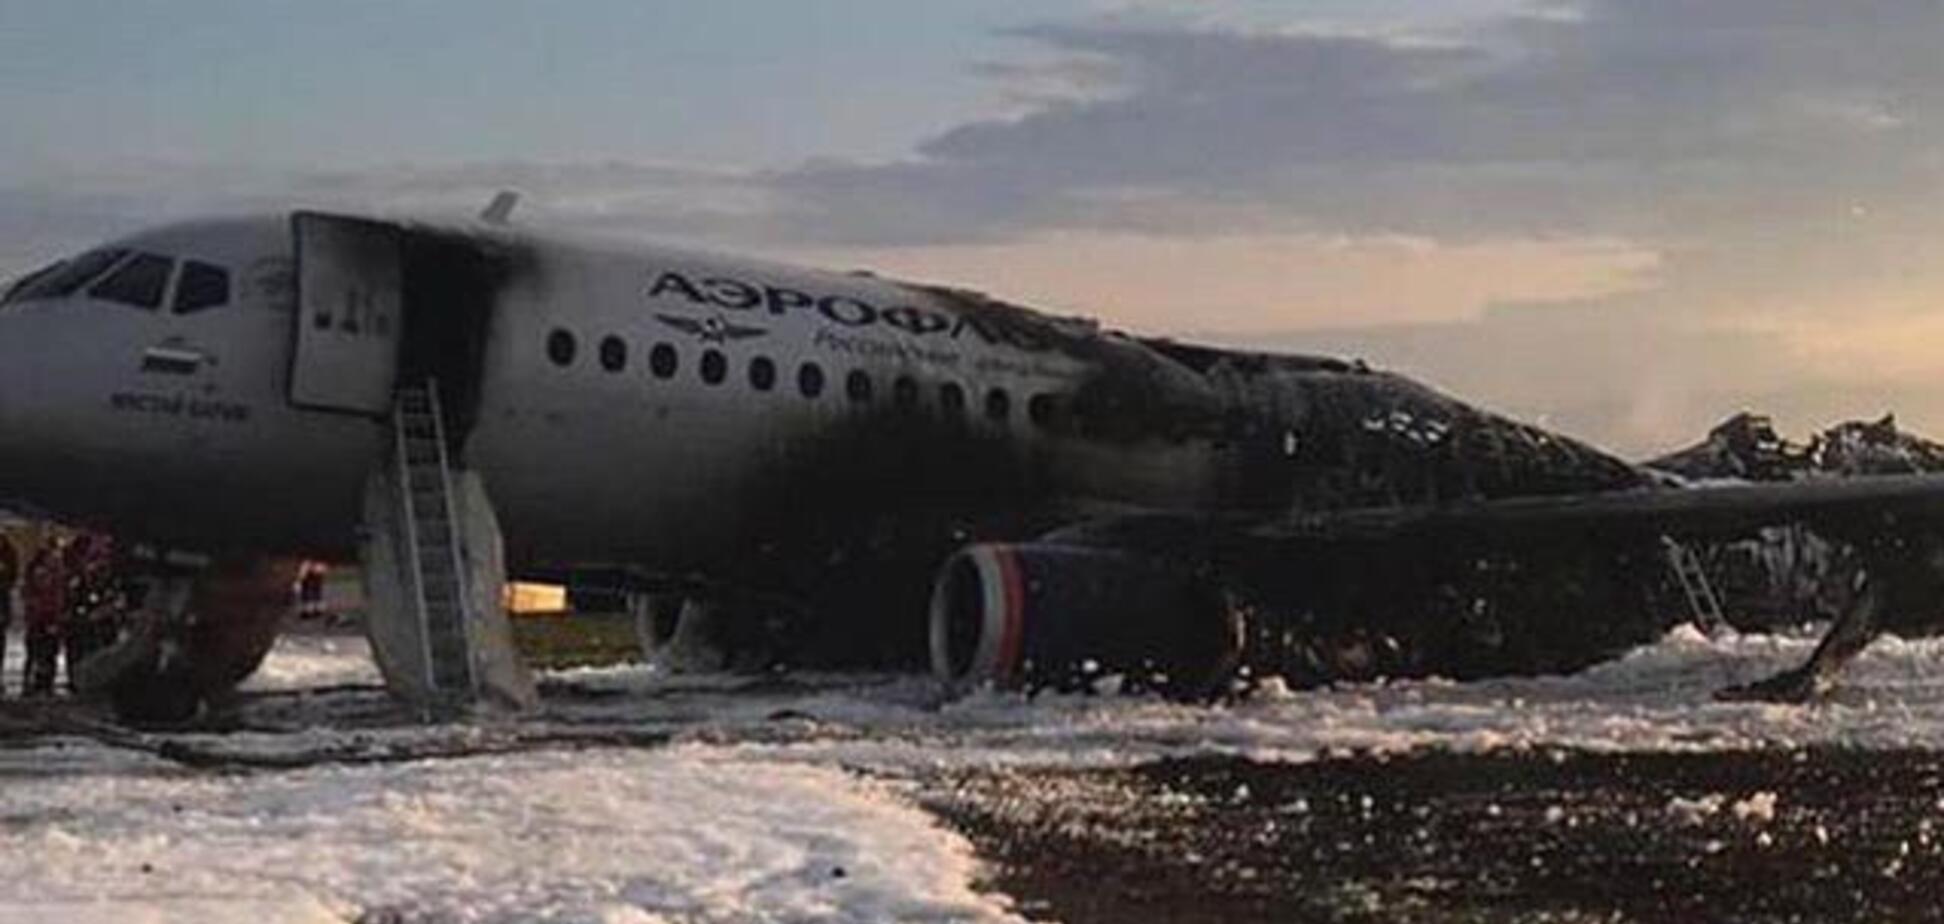 'Спасали из ада свое барахло': россияне шокированы пассажирами сгоревшего самолета в 'Шереметьево'